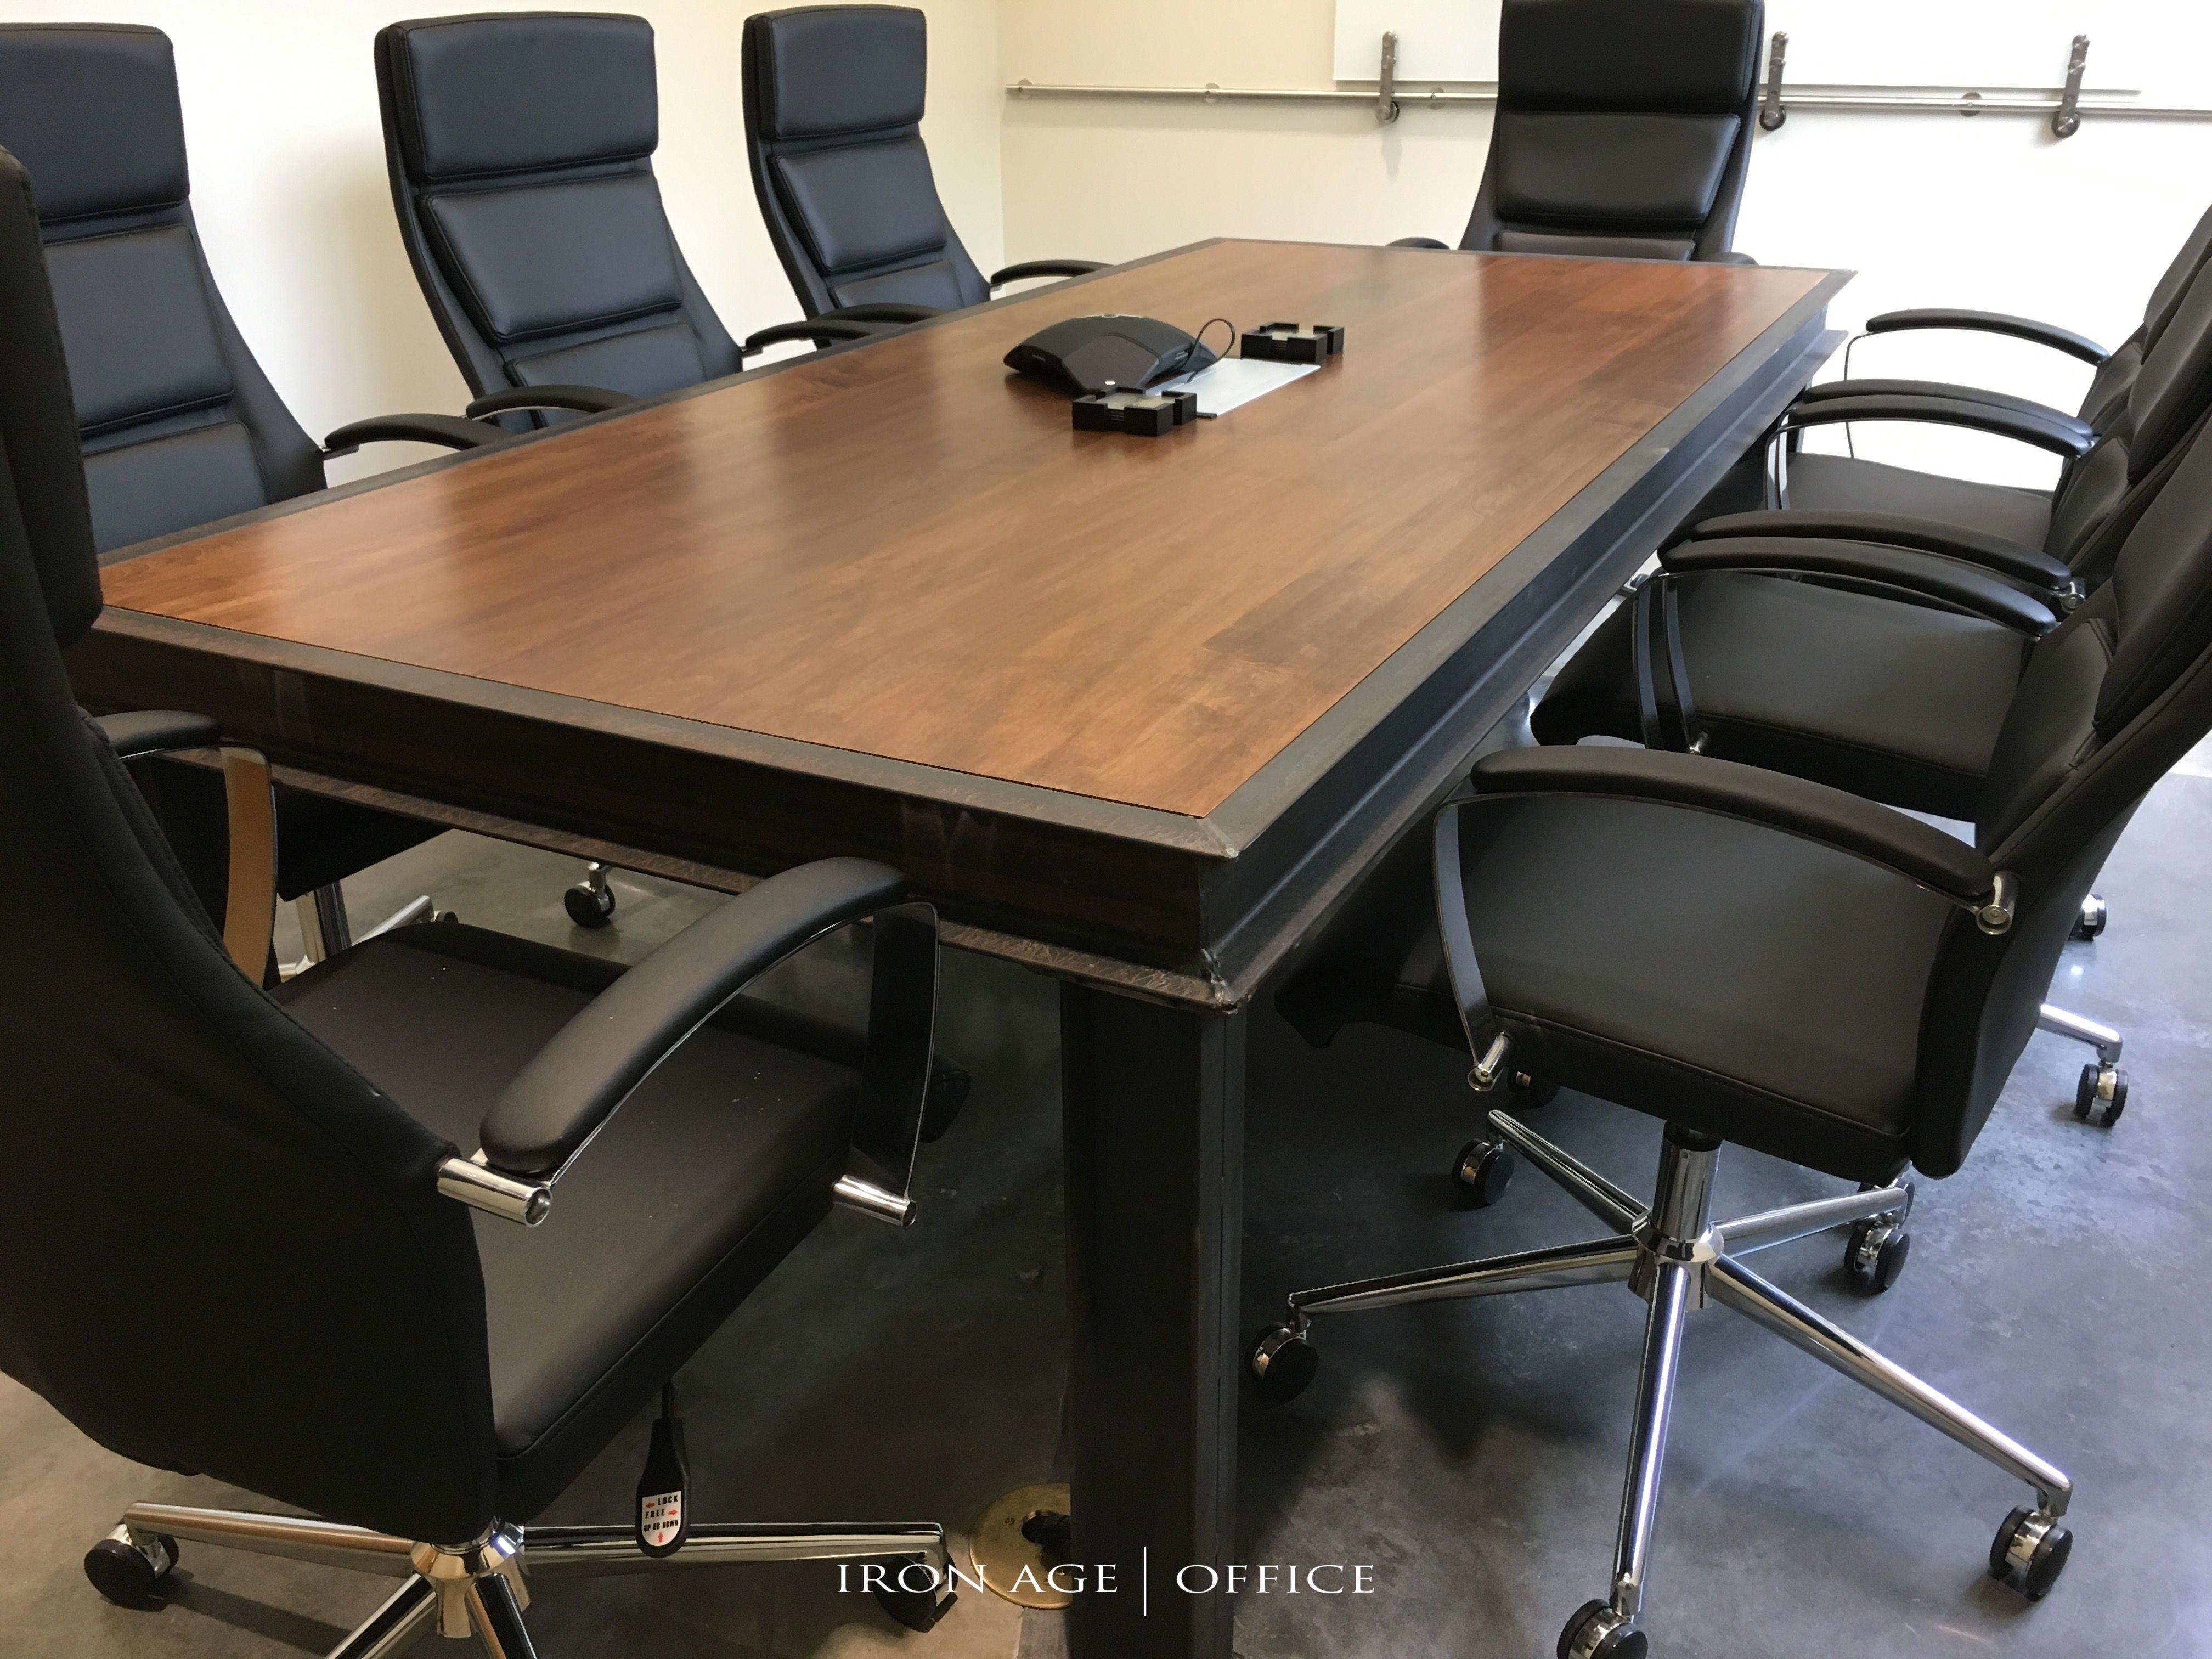 Medium Of Industrial Office Furniture